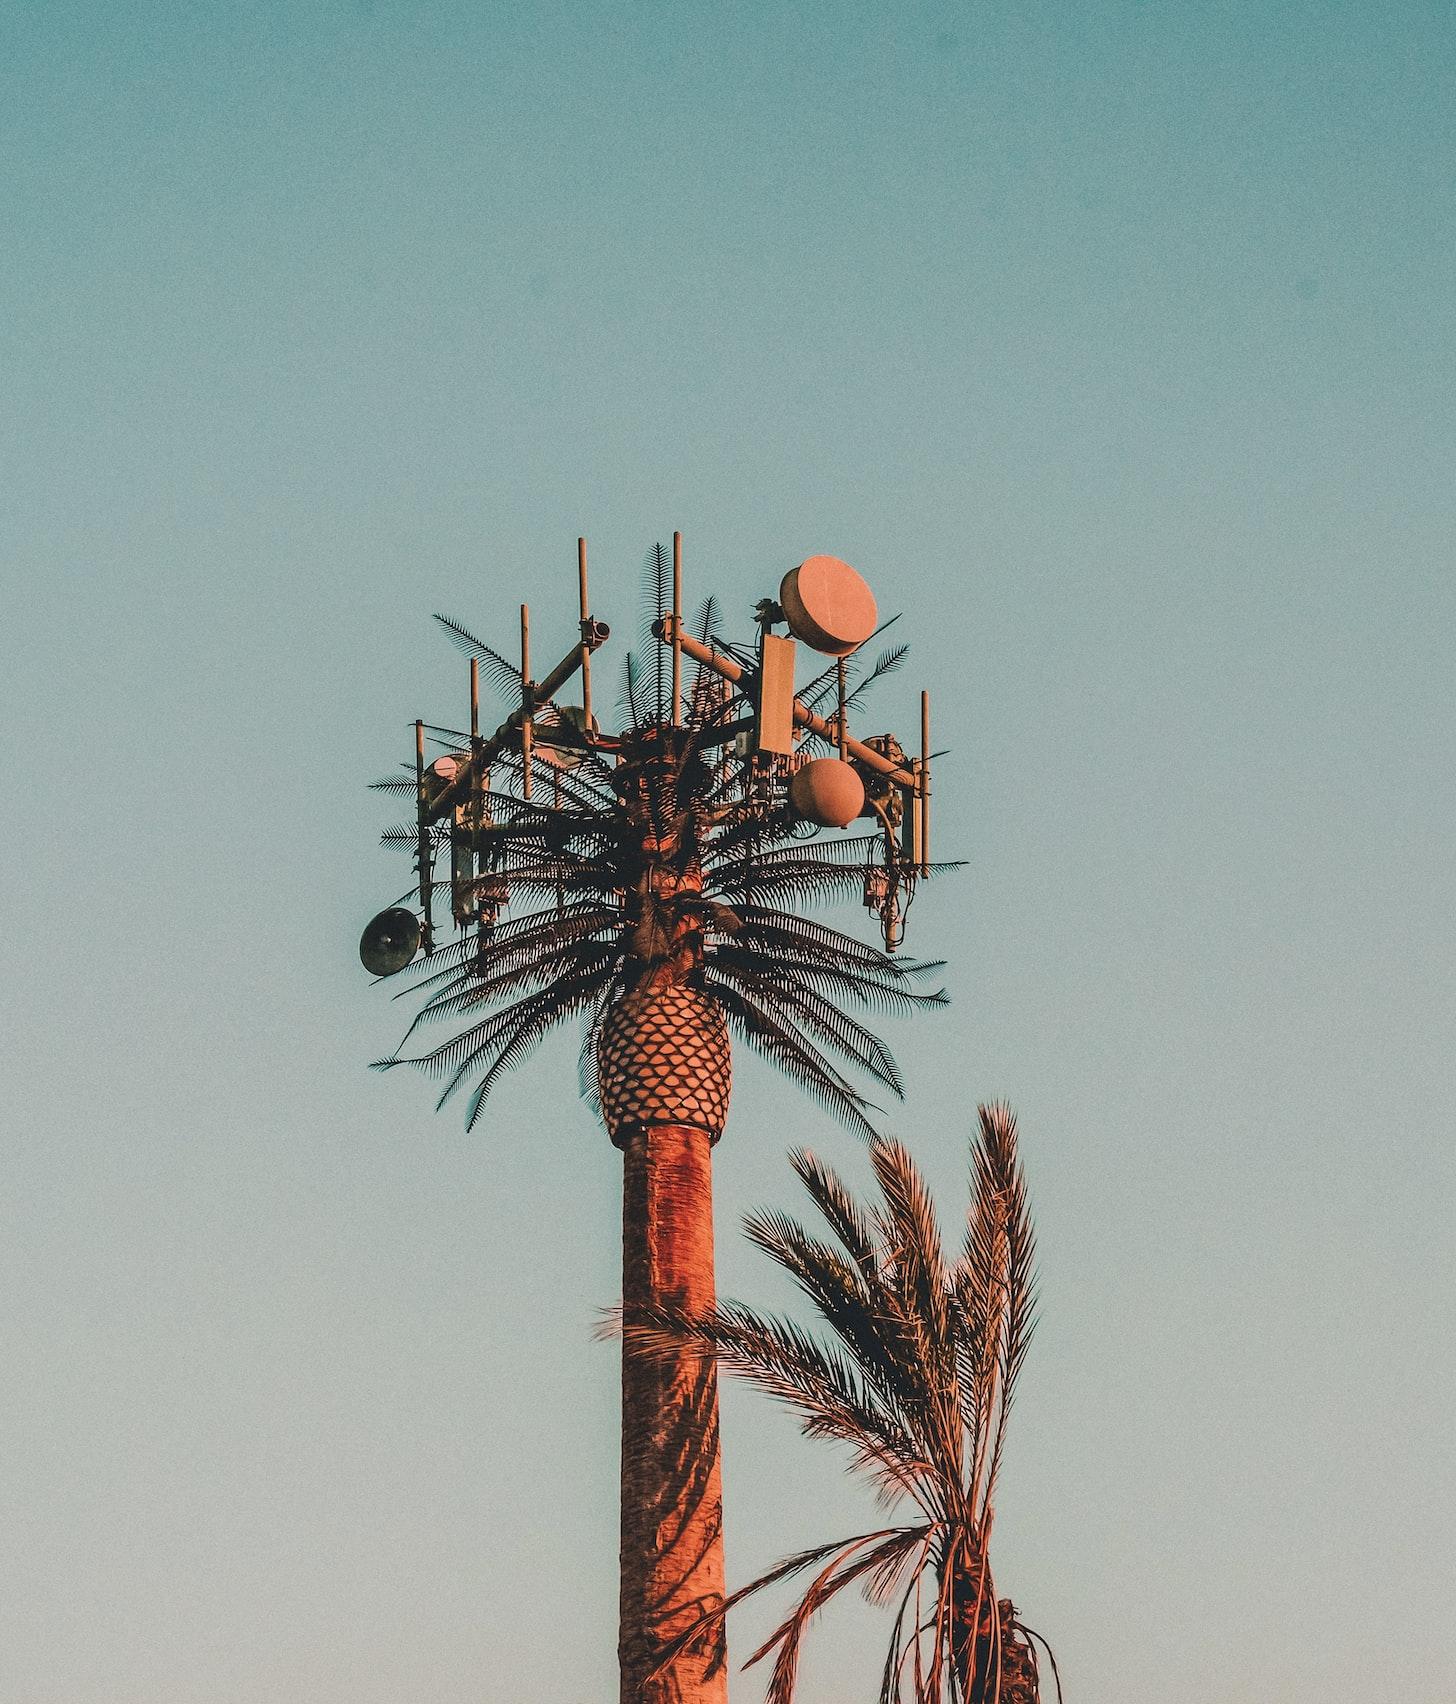 palma pełna od sprzętu 5G